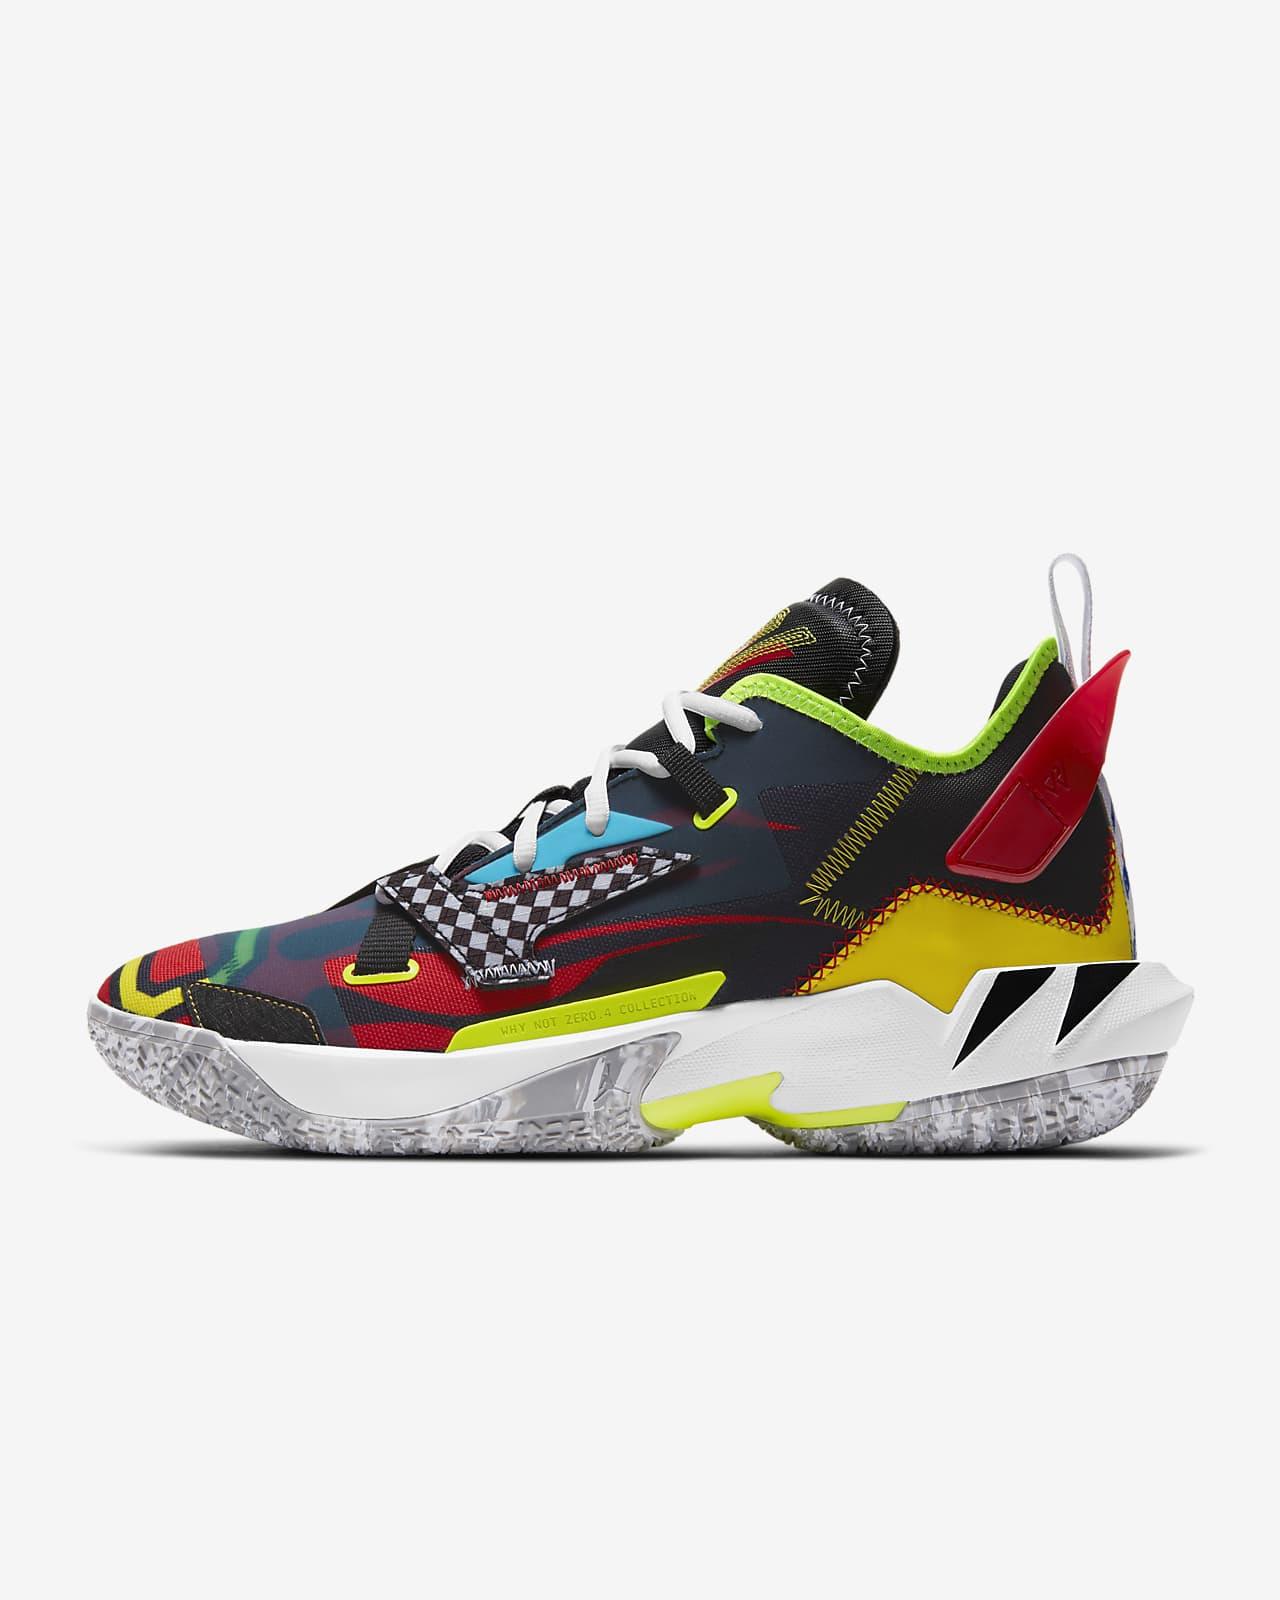 Jordan Why Not? Chaussure de basketball Zer0.4 « Marathon »